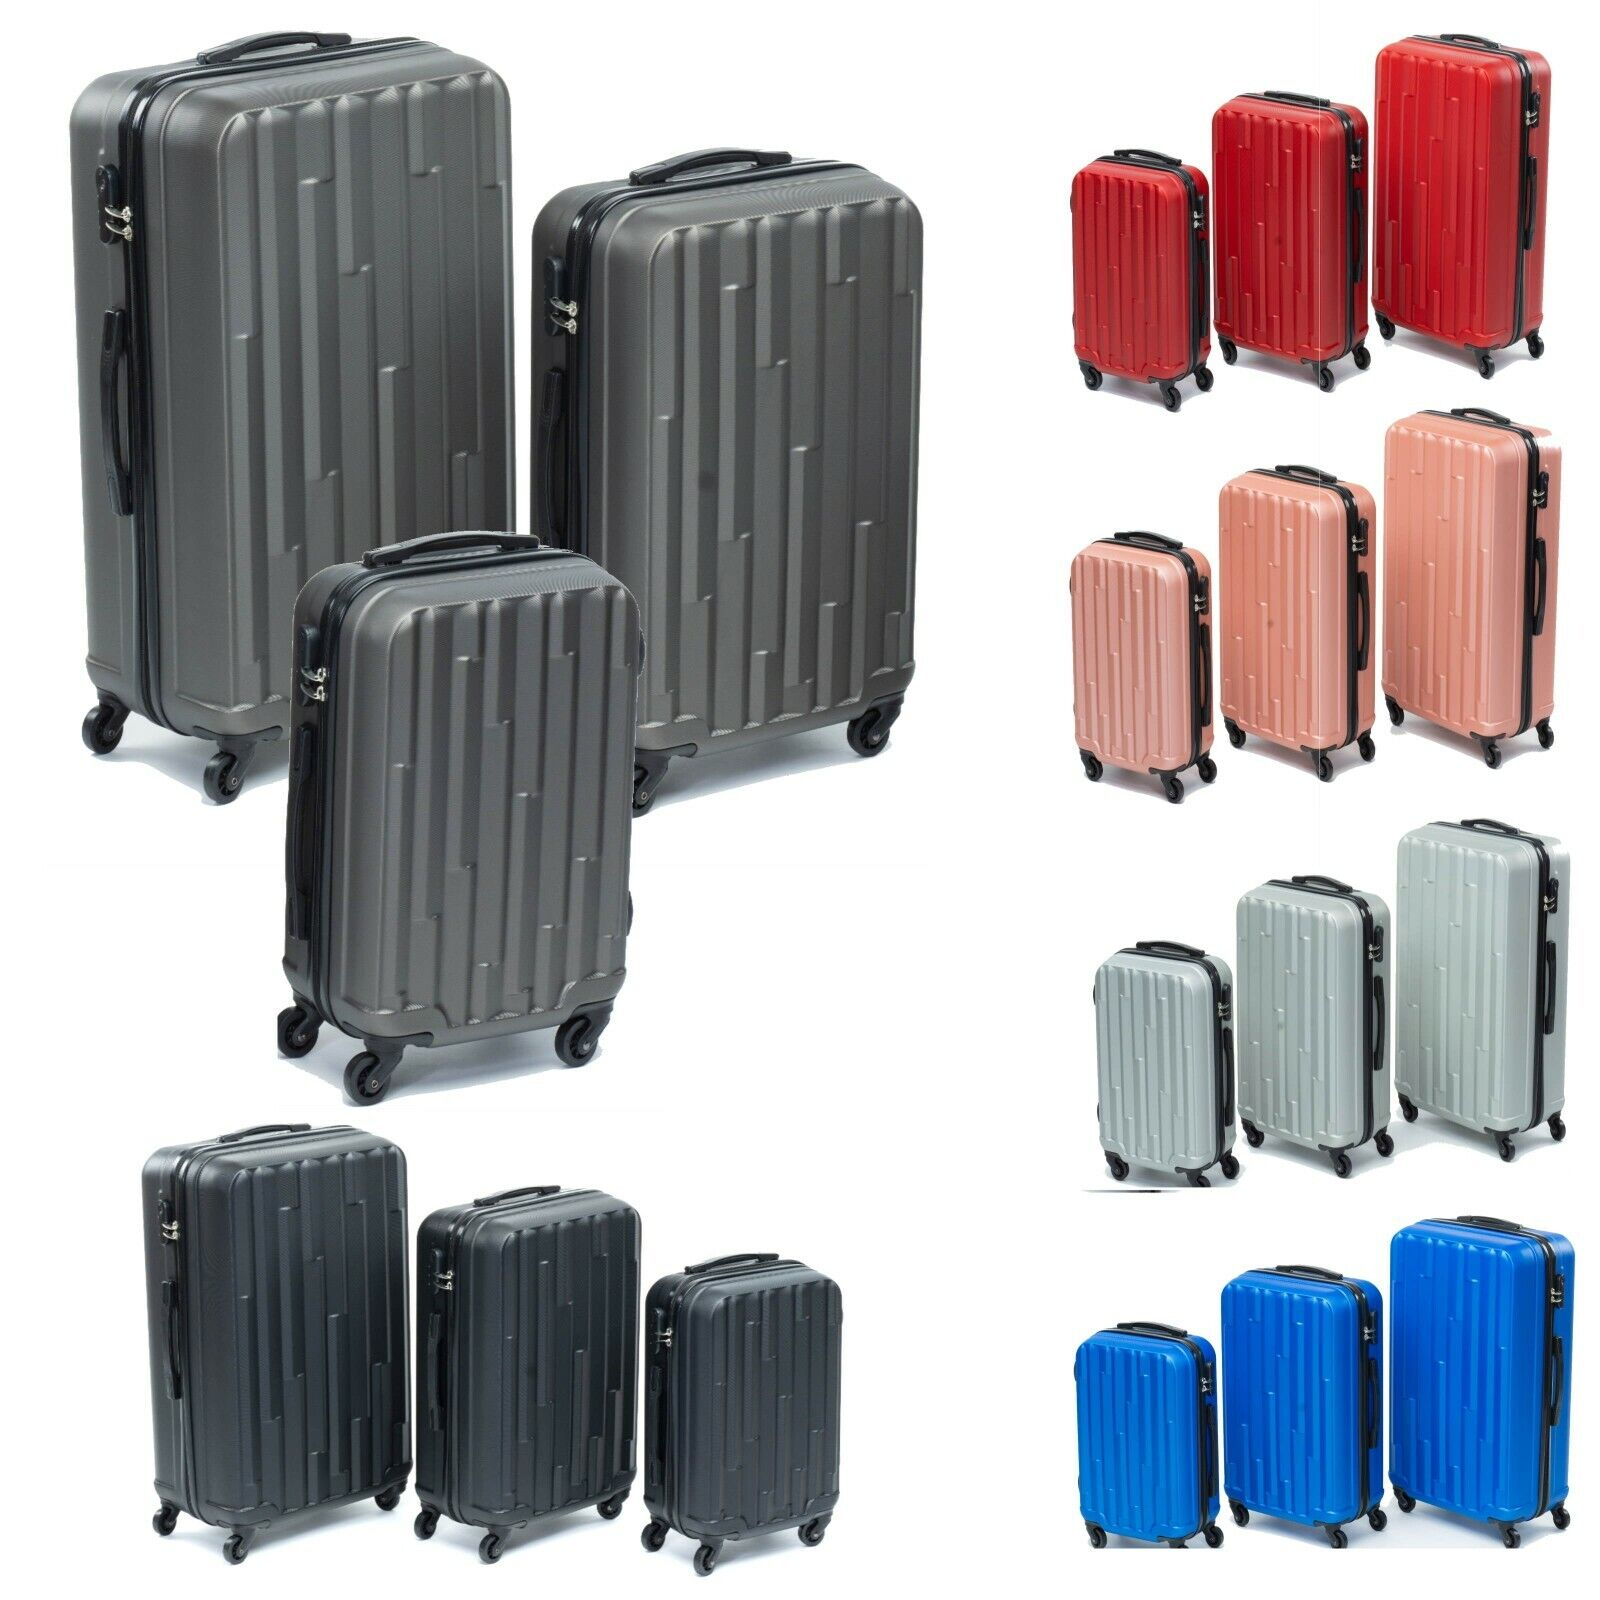 Hartschalenkoffer  Advance  Trolley Koffer Kofferset Reisekoffer  M L XL Set